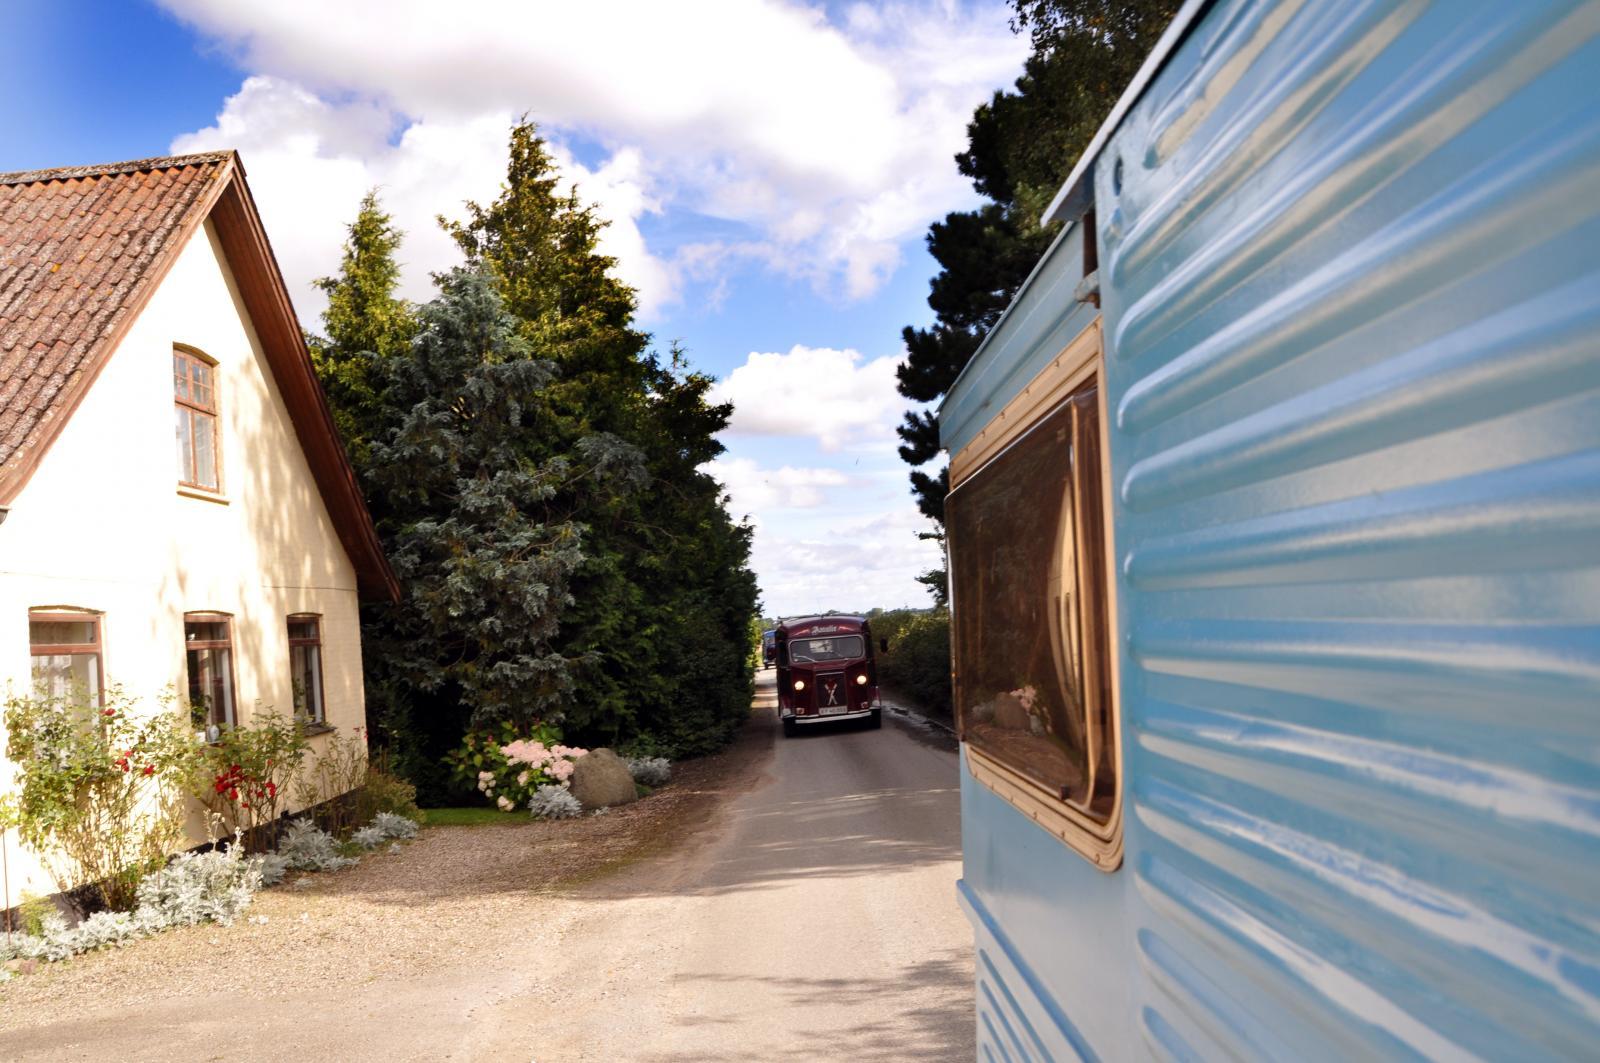 HY Ausfahrt in Dänemark